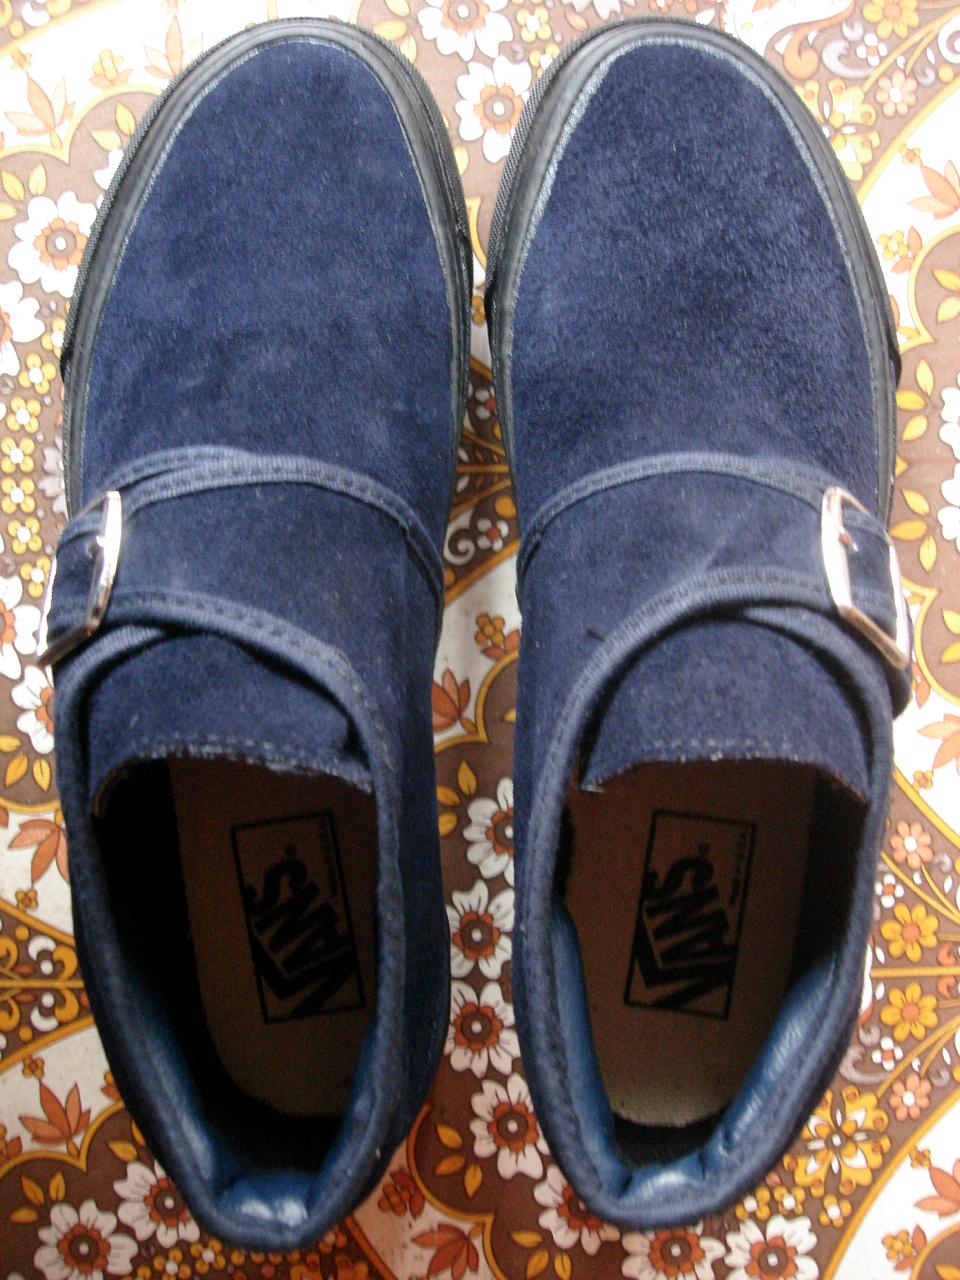 Vans Shoes 1990s